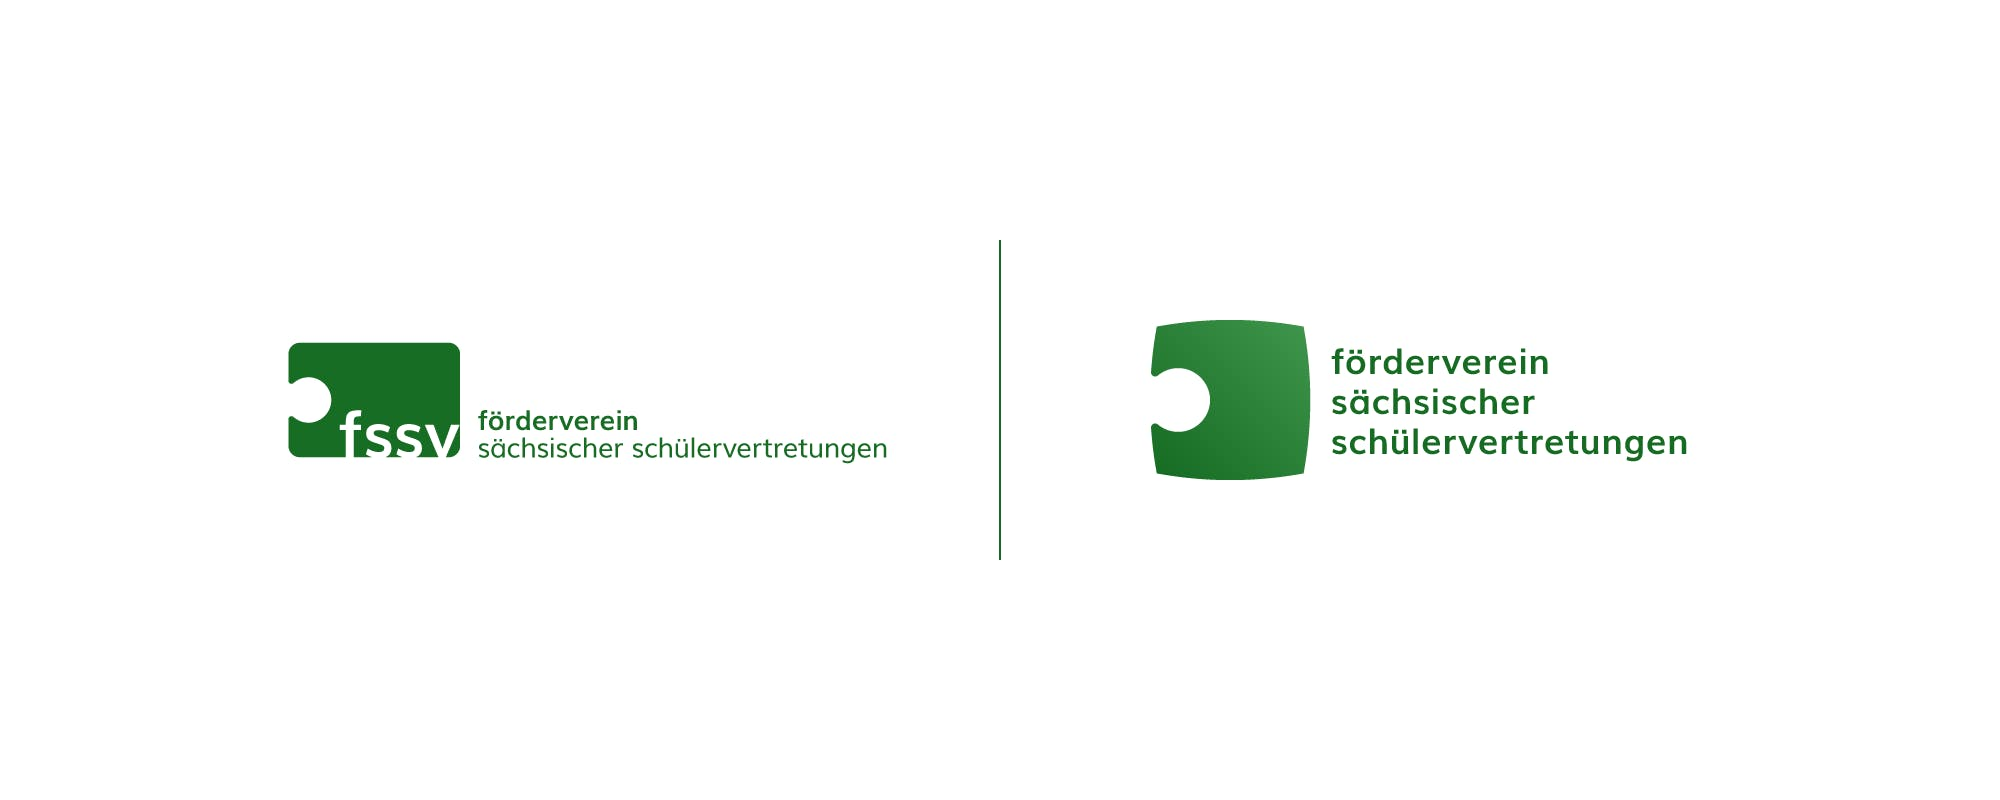 Vergleich der Logos für den FSSV aus Dresden.